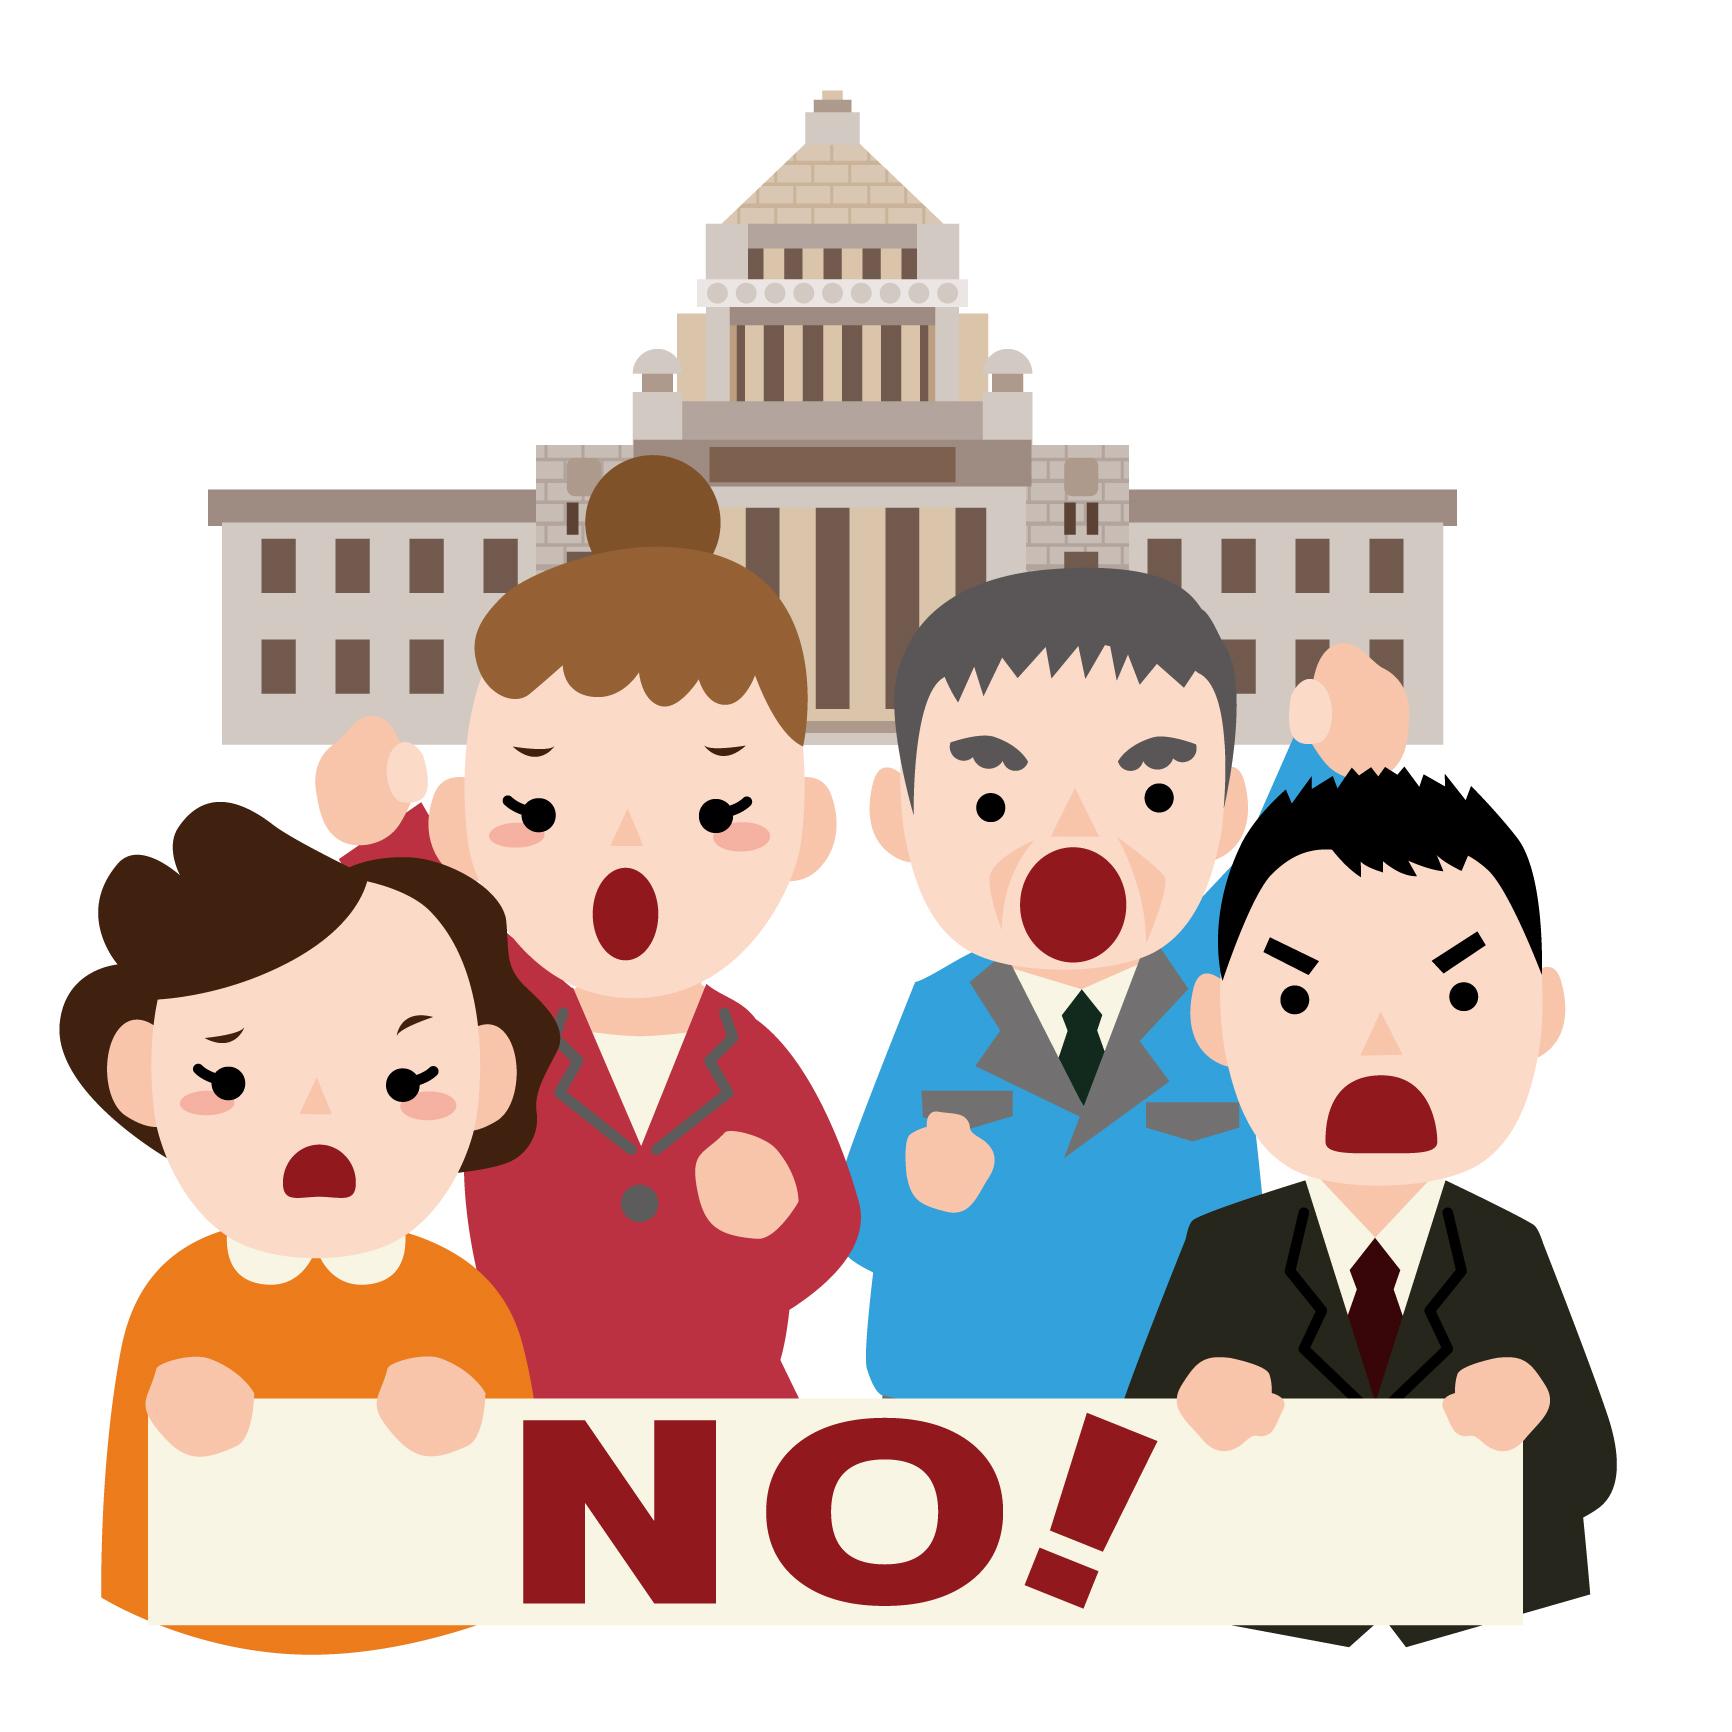 日本をリセットするために、「民意を問う」という言葉の意味を深く考えた改革を